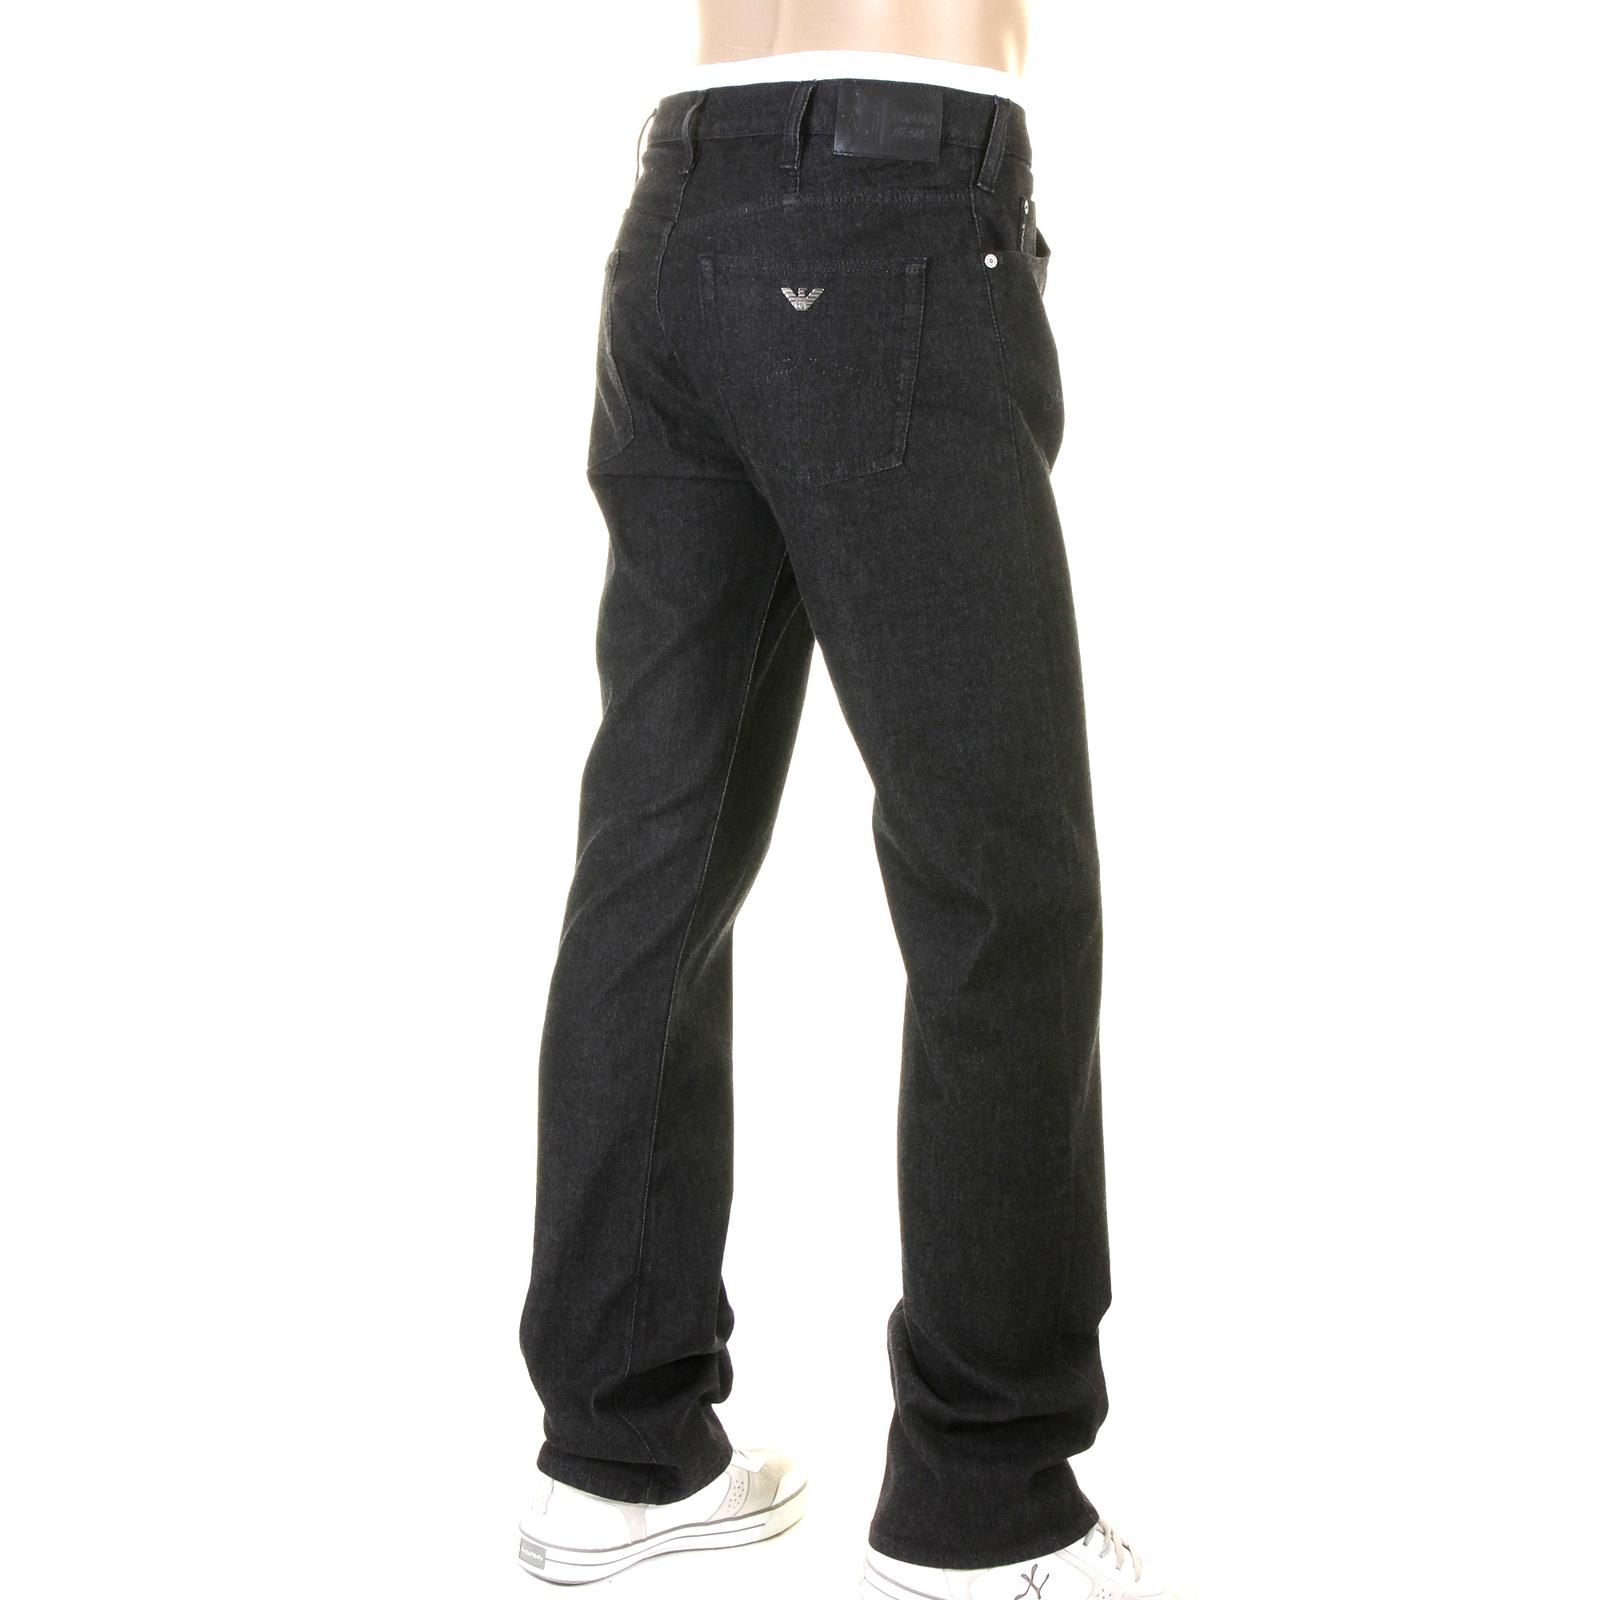 Armani Jeans J21 regular fit black stretch denim jean O6J21 6D AJM2164